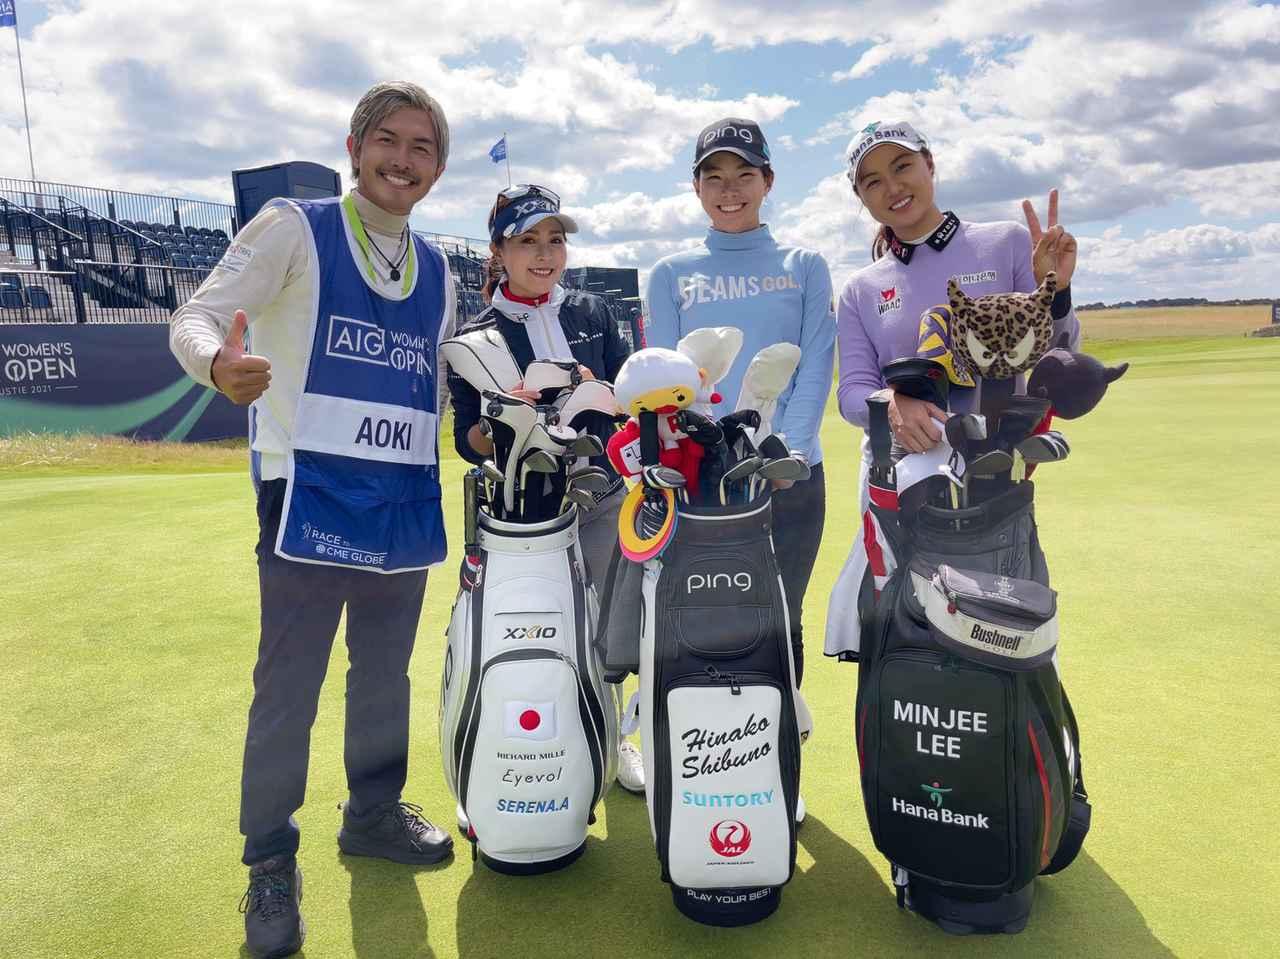 画像: 練習ラウンドを共にした渋野日向子(真ん中右)とミンジー・リー(右)